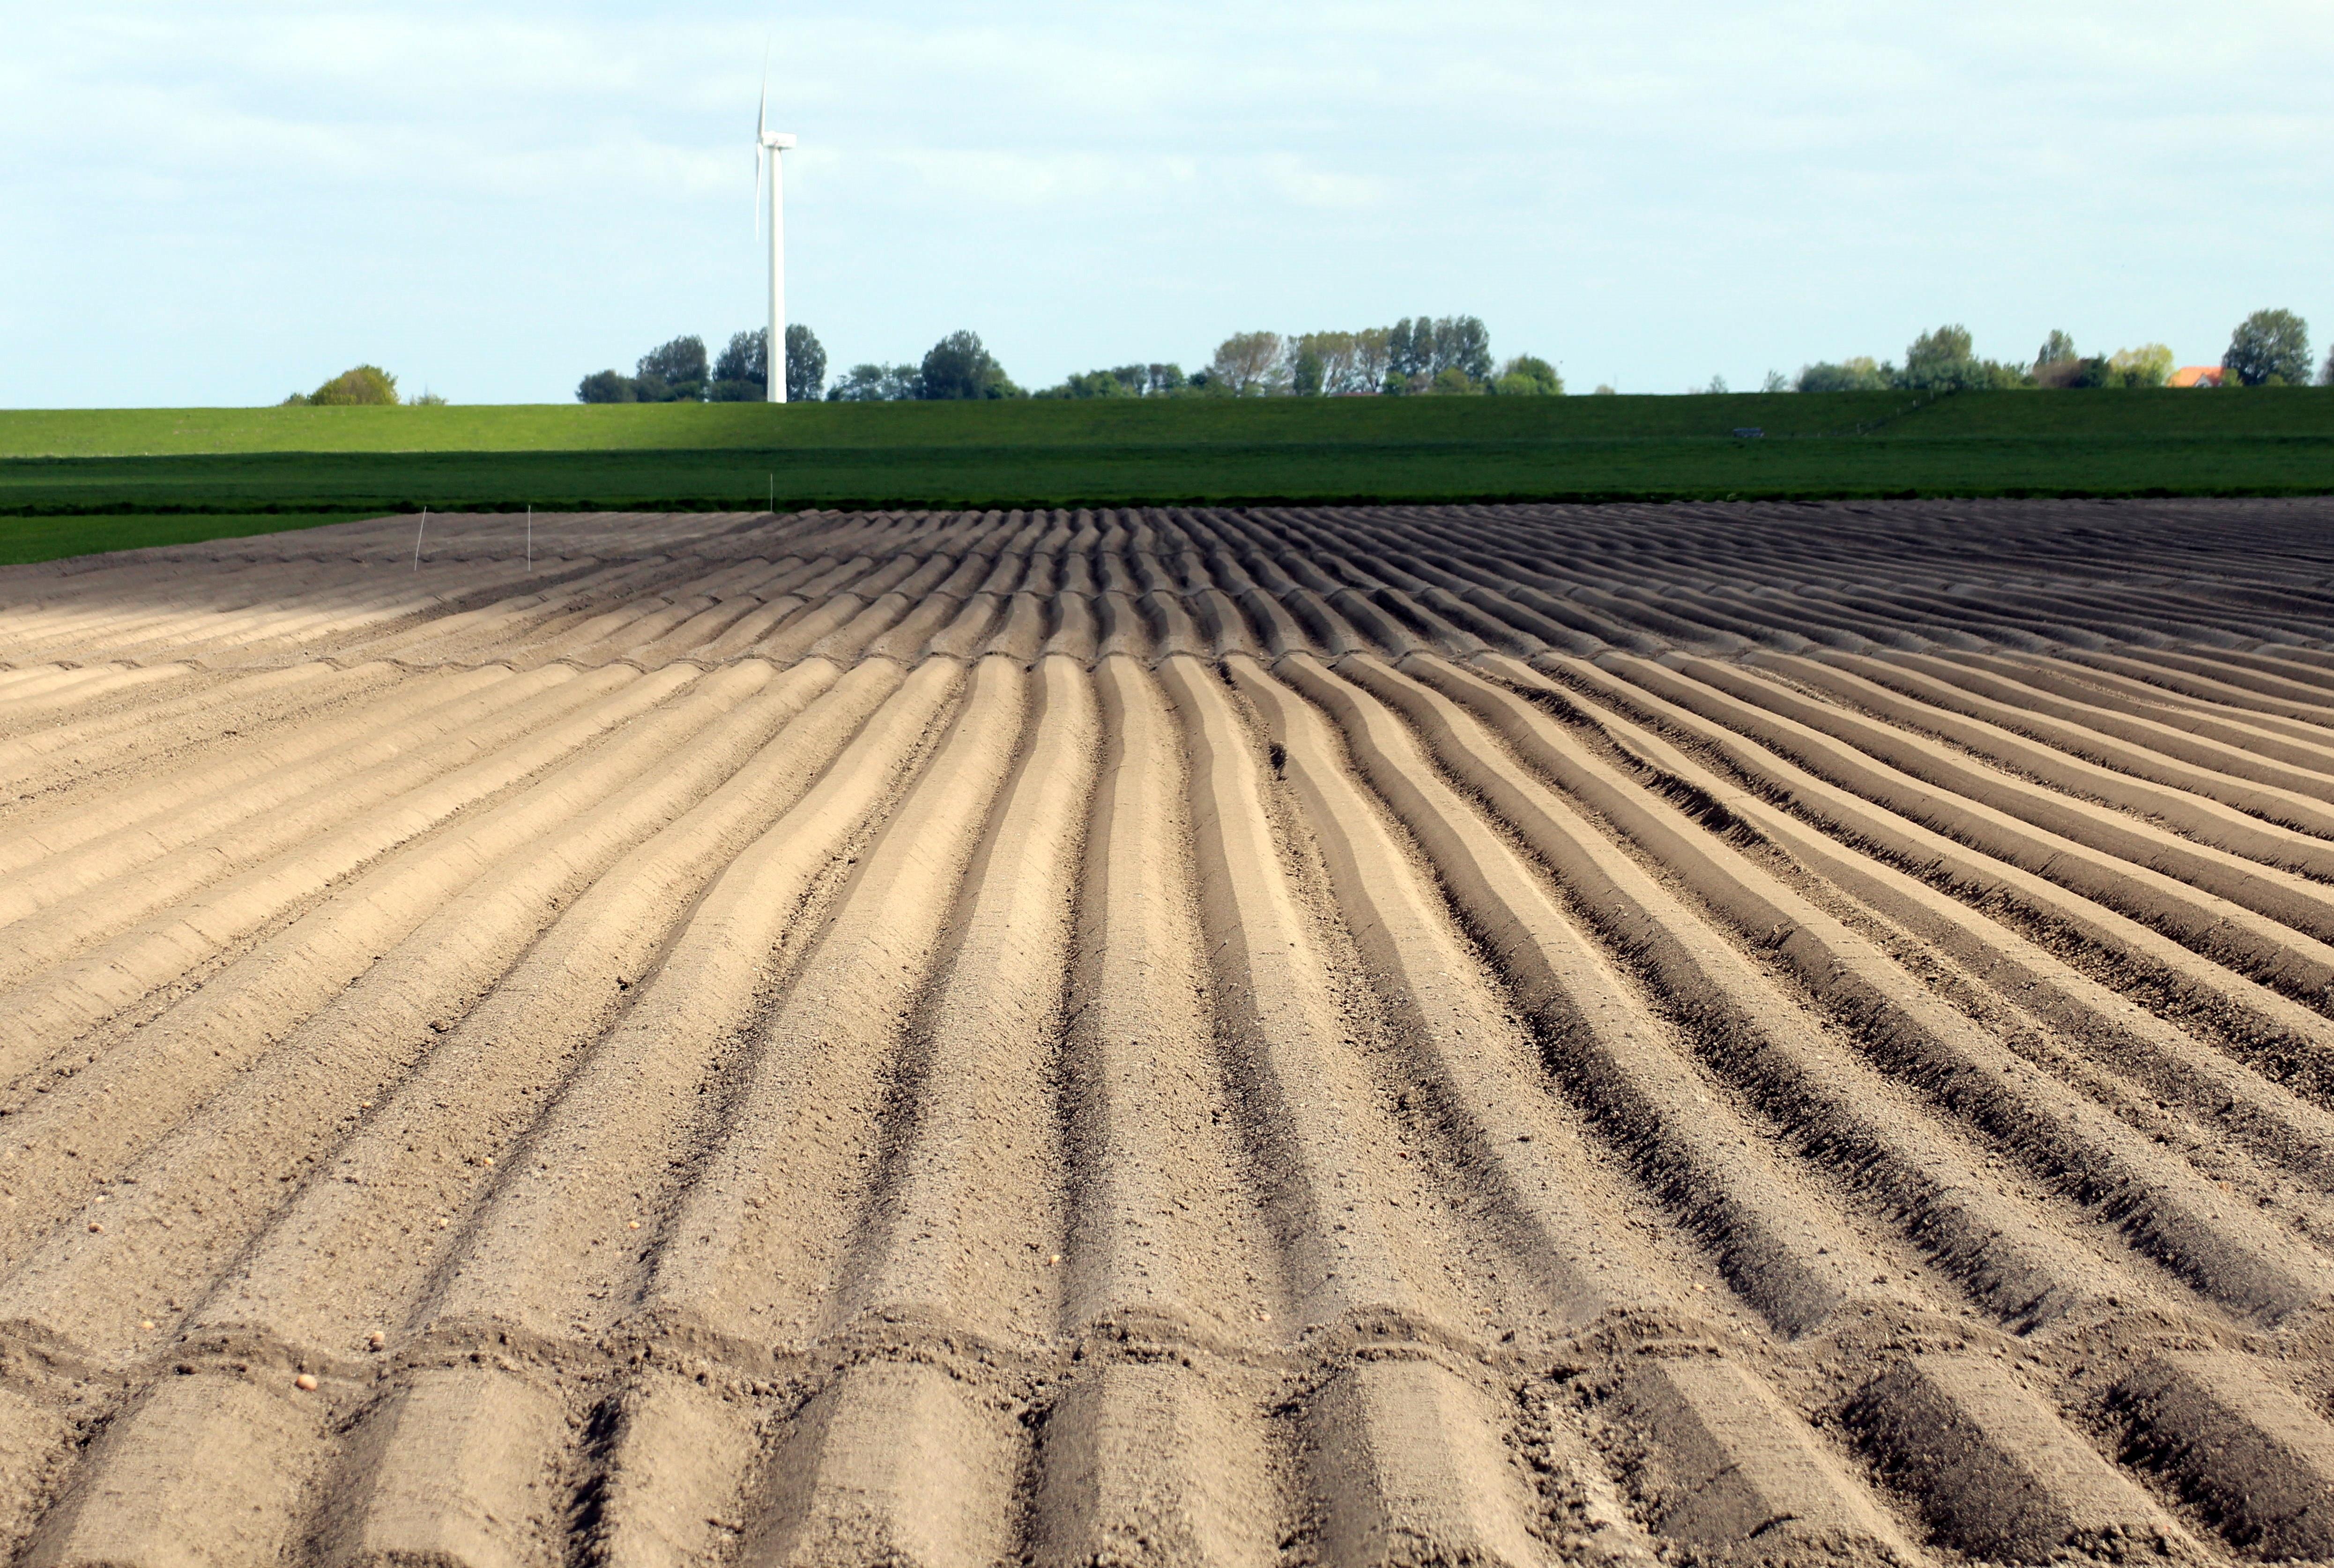 Kostenlose foto  Sand Pflanze Feld Asphalt Ernte Boden